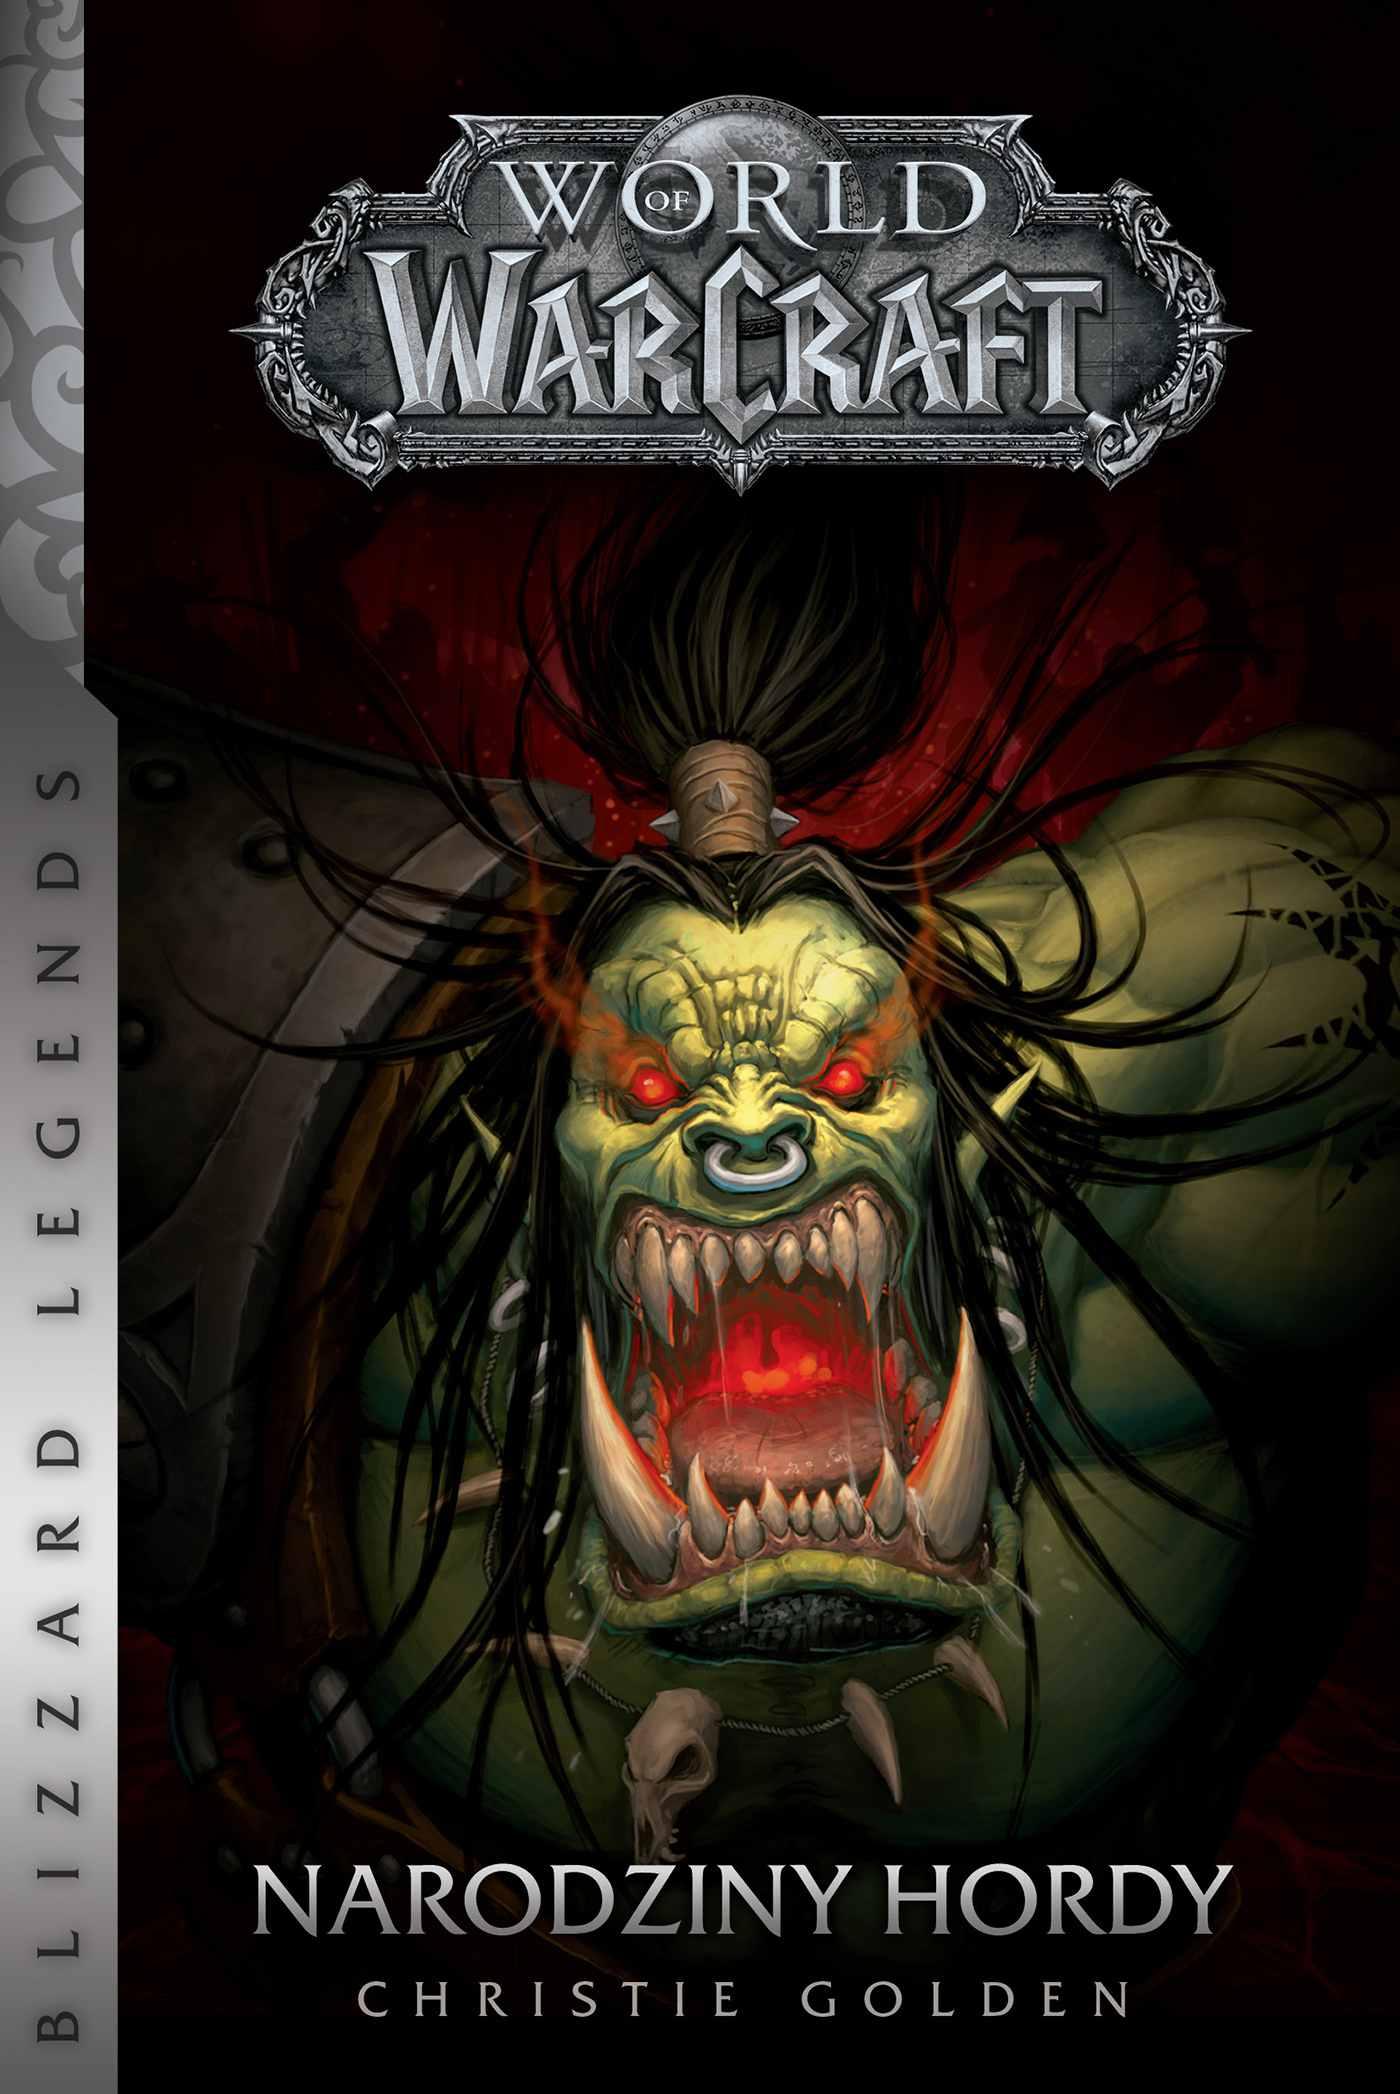 World of WarCraft: Narodziny hordy - Ebook (Książka na Kindle) do pobrania w formacie MOBI